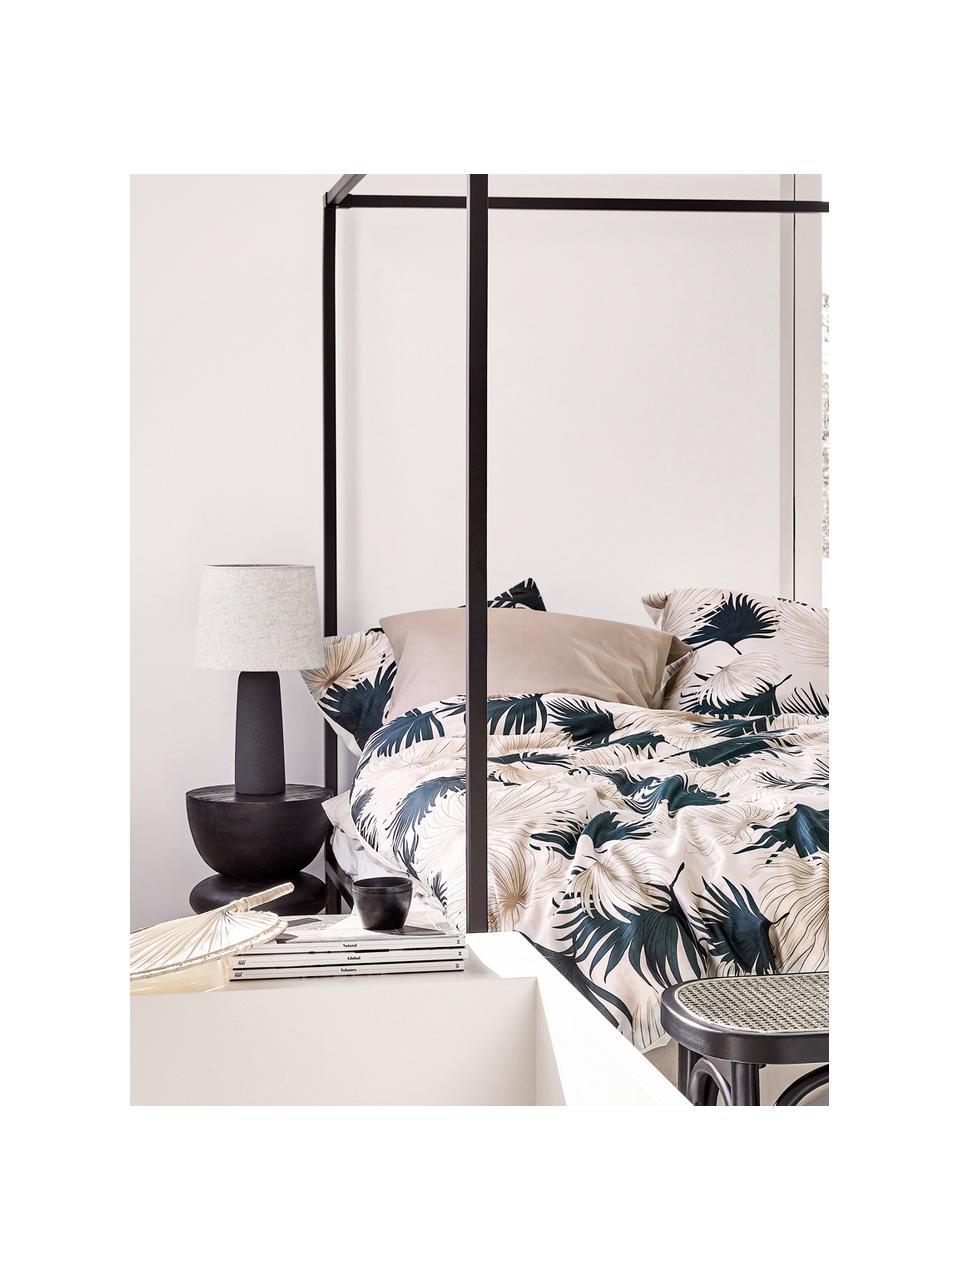 Velká stolní lampa s betonovou podstavou Kaya, Stínidlo: béžová Podstava lampy: tmavě šedá Kabel: černá